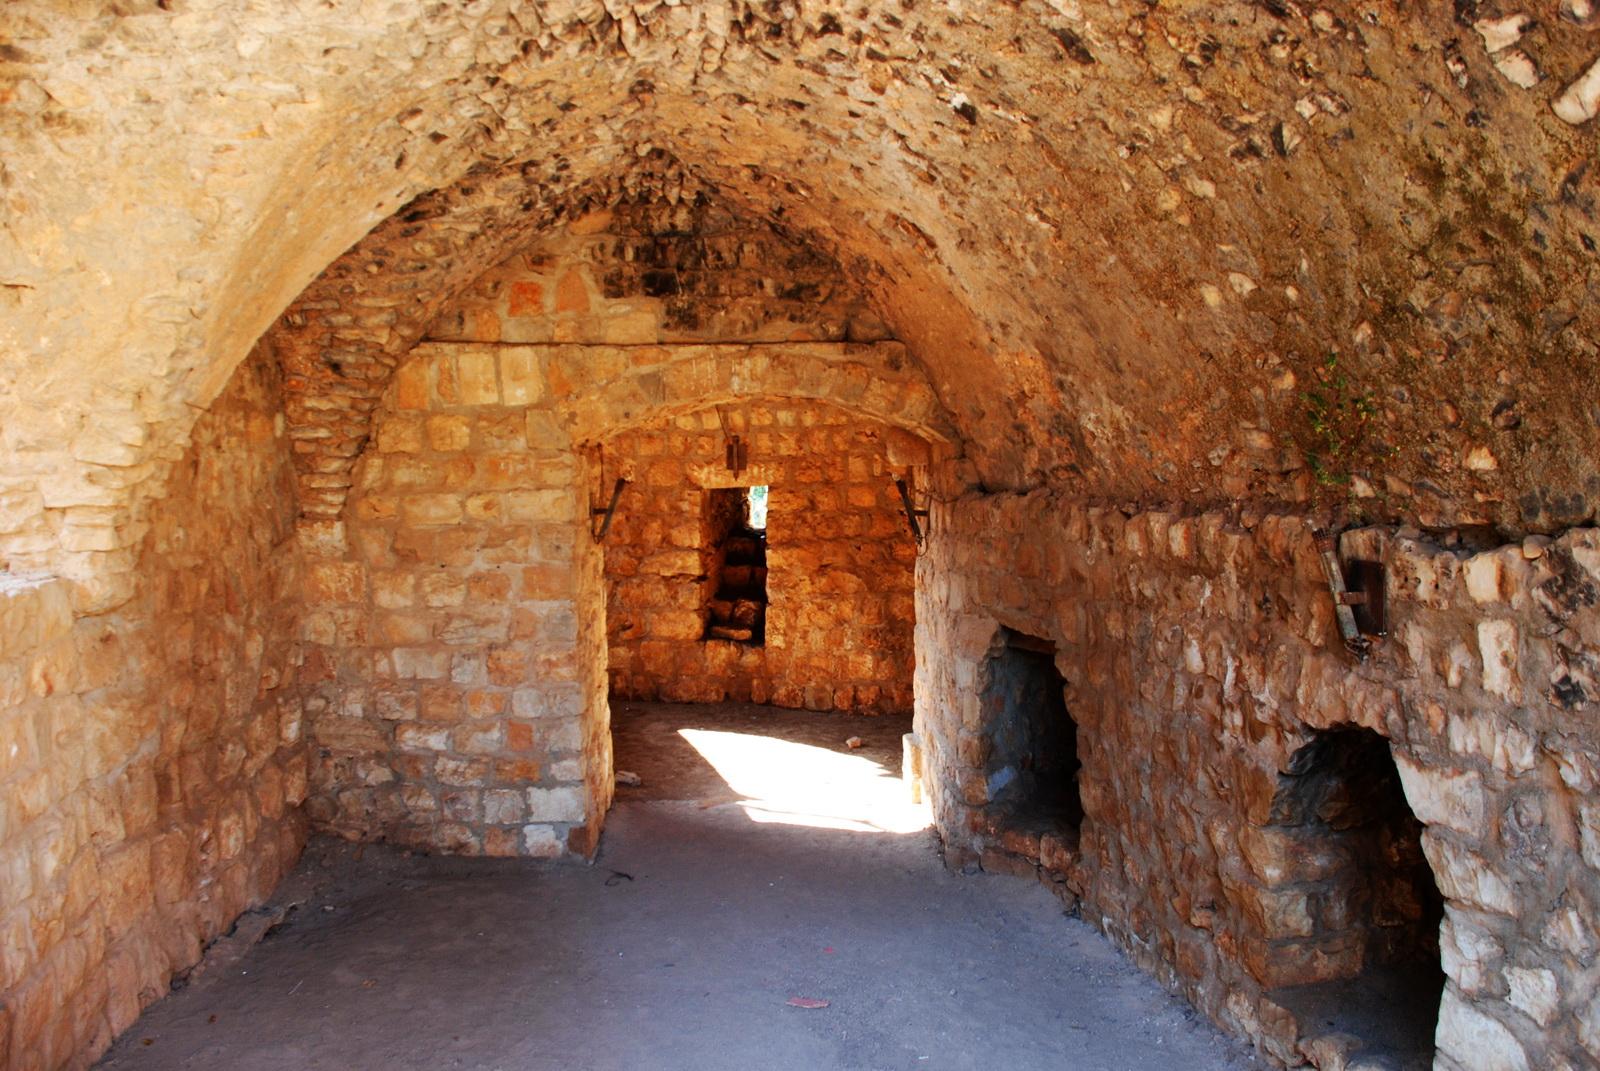 מבצר יחיעם - חדרים וכוכי יריה בקומה העליונה